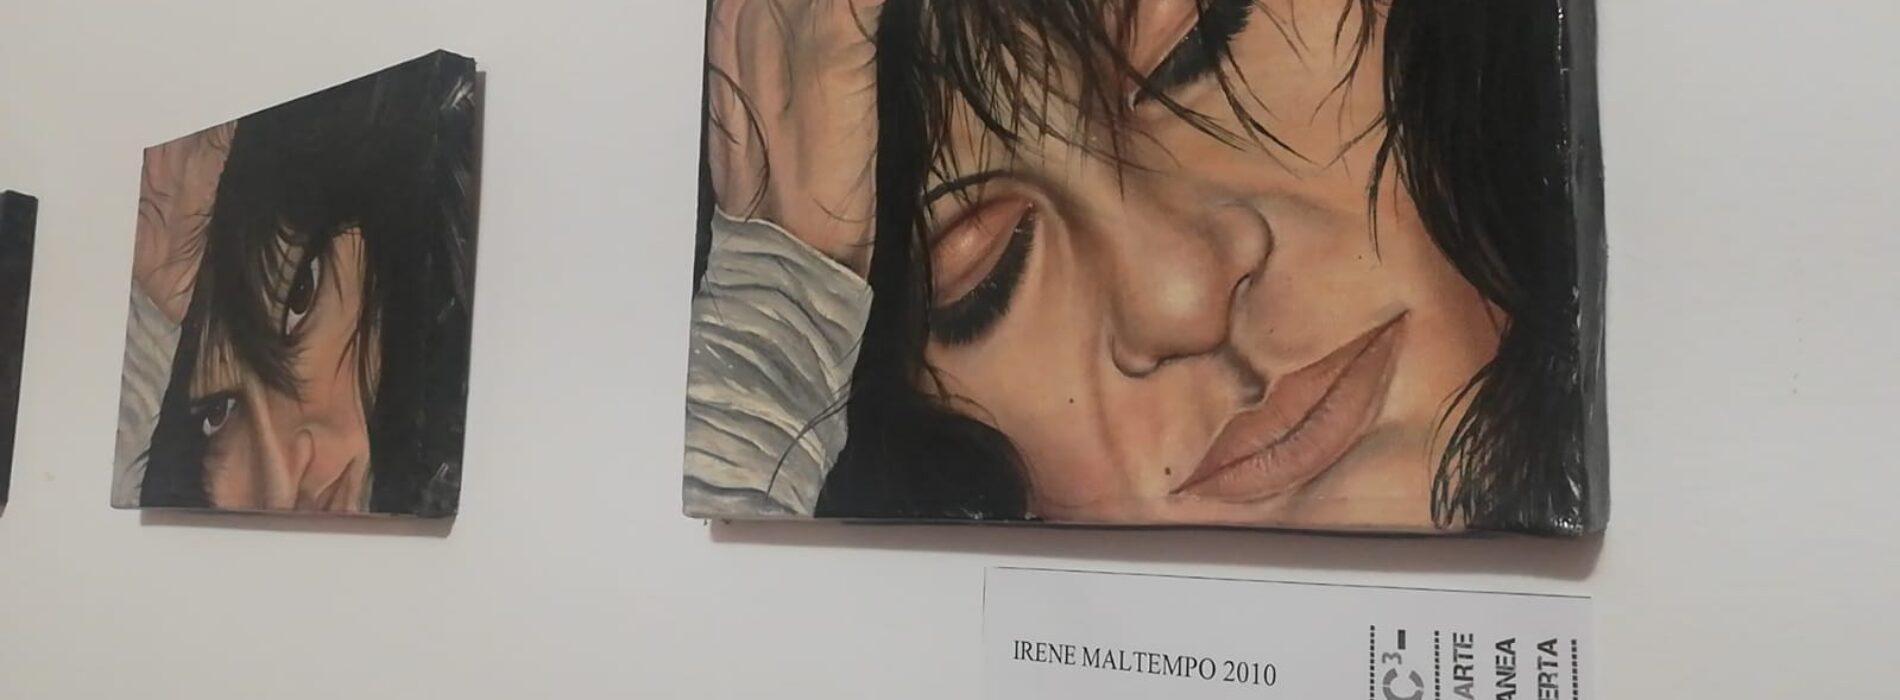 Arte contemporanea, il MAC3 ha ritrovato identità e pubblico